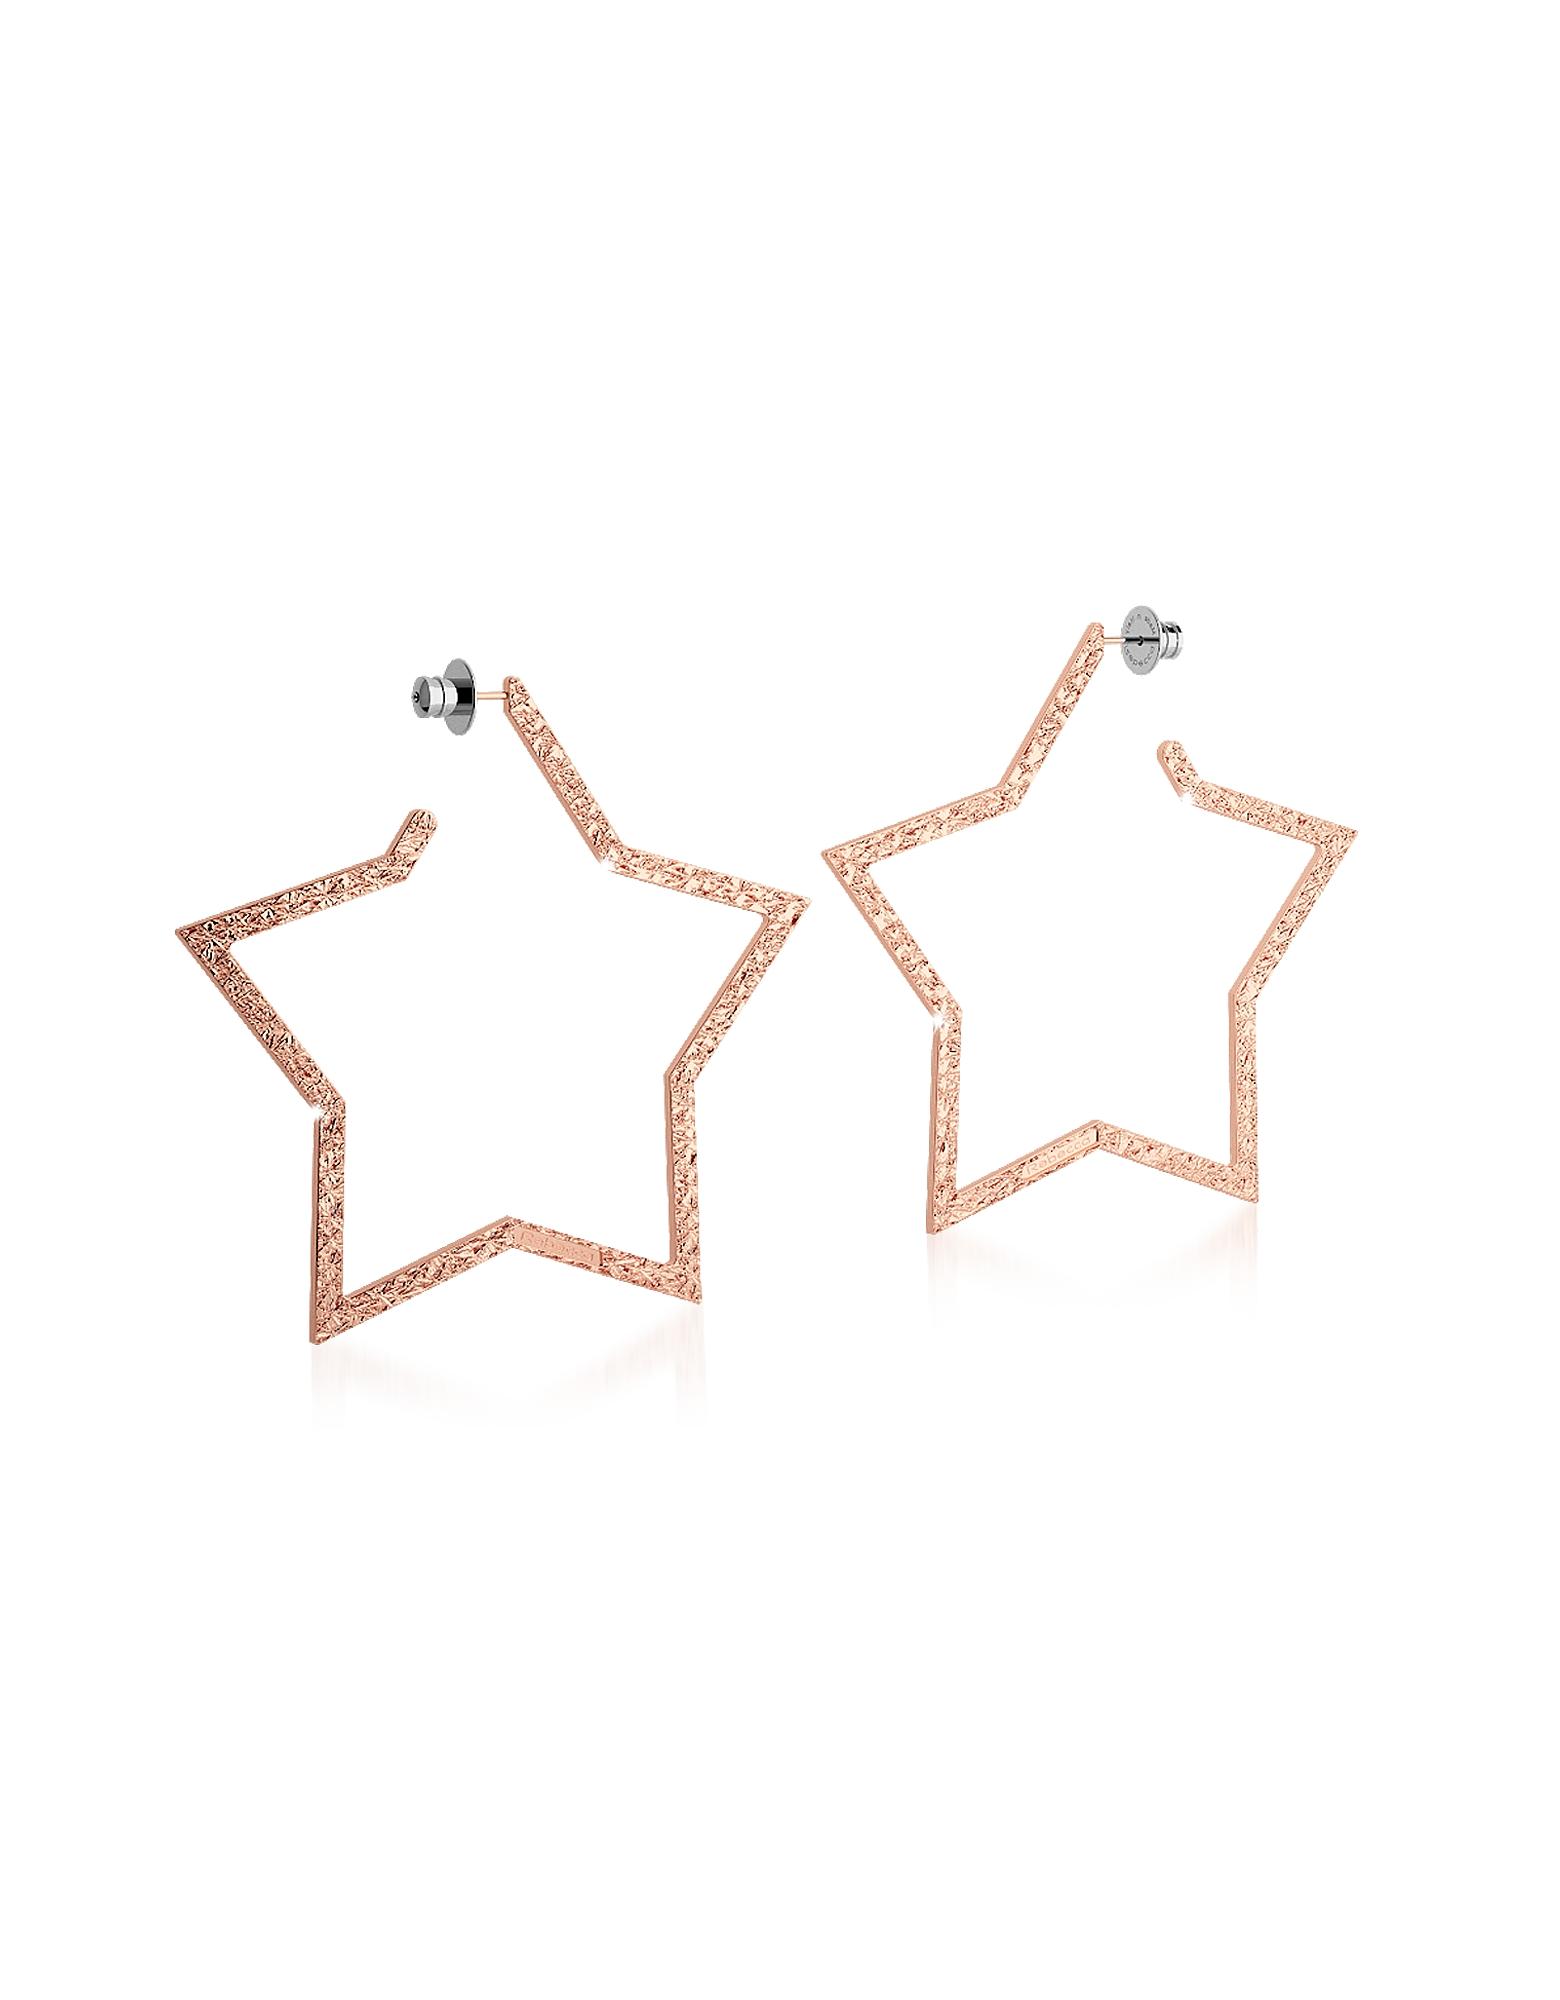 R-ZERO Rose Gold Over Bronze Star Earrings